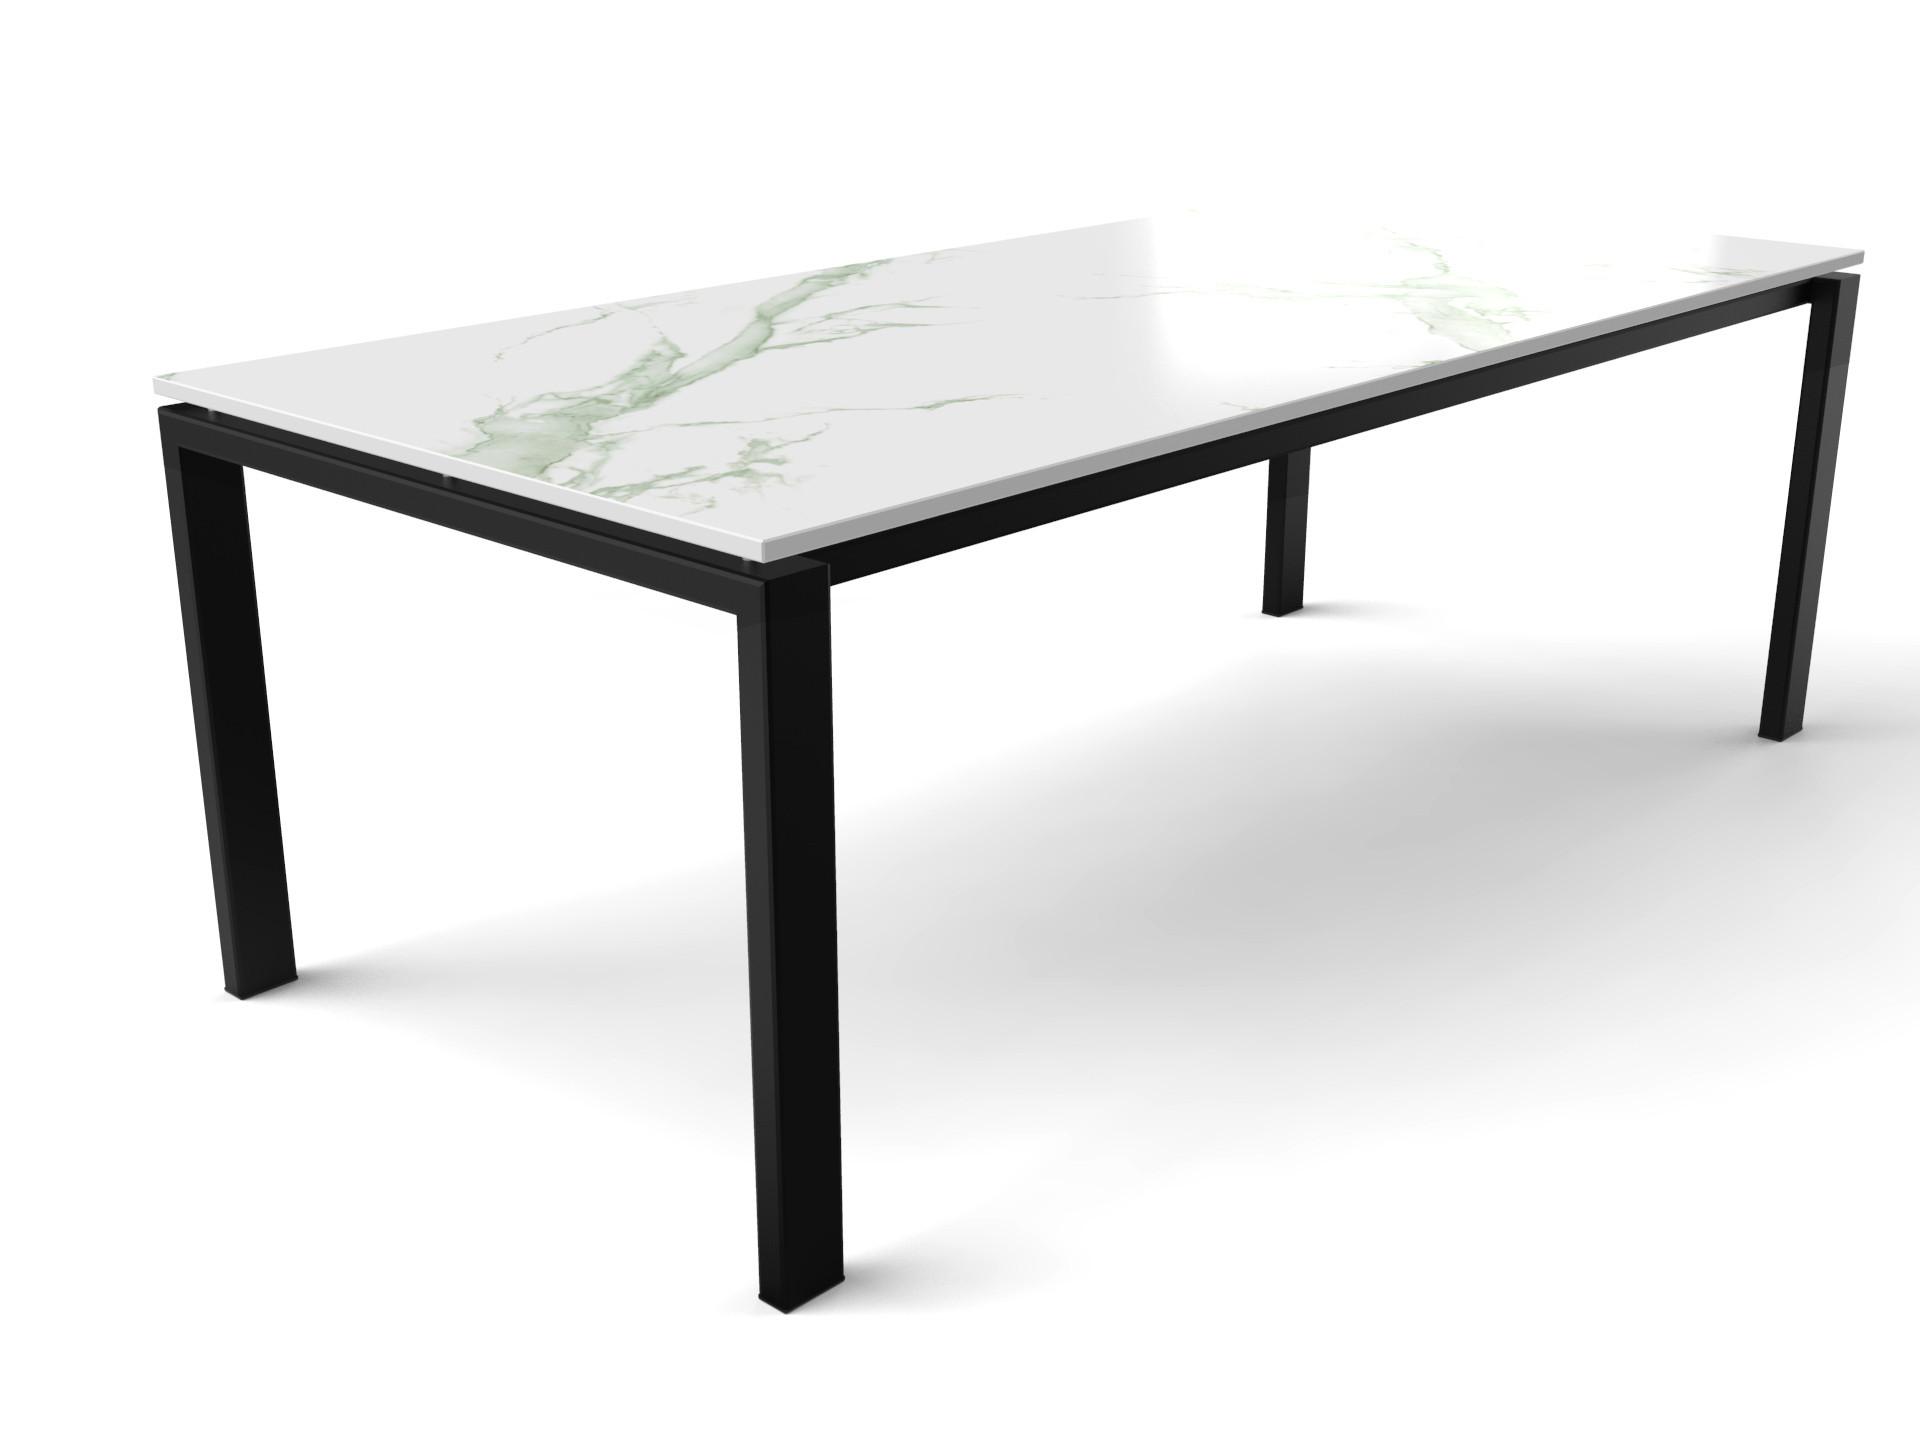 Marmerlook Dekton Aura15 tafel met zwart gecoat stalen tafelonderstel